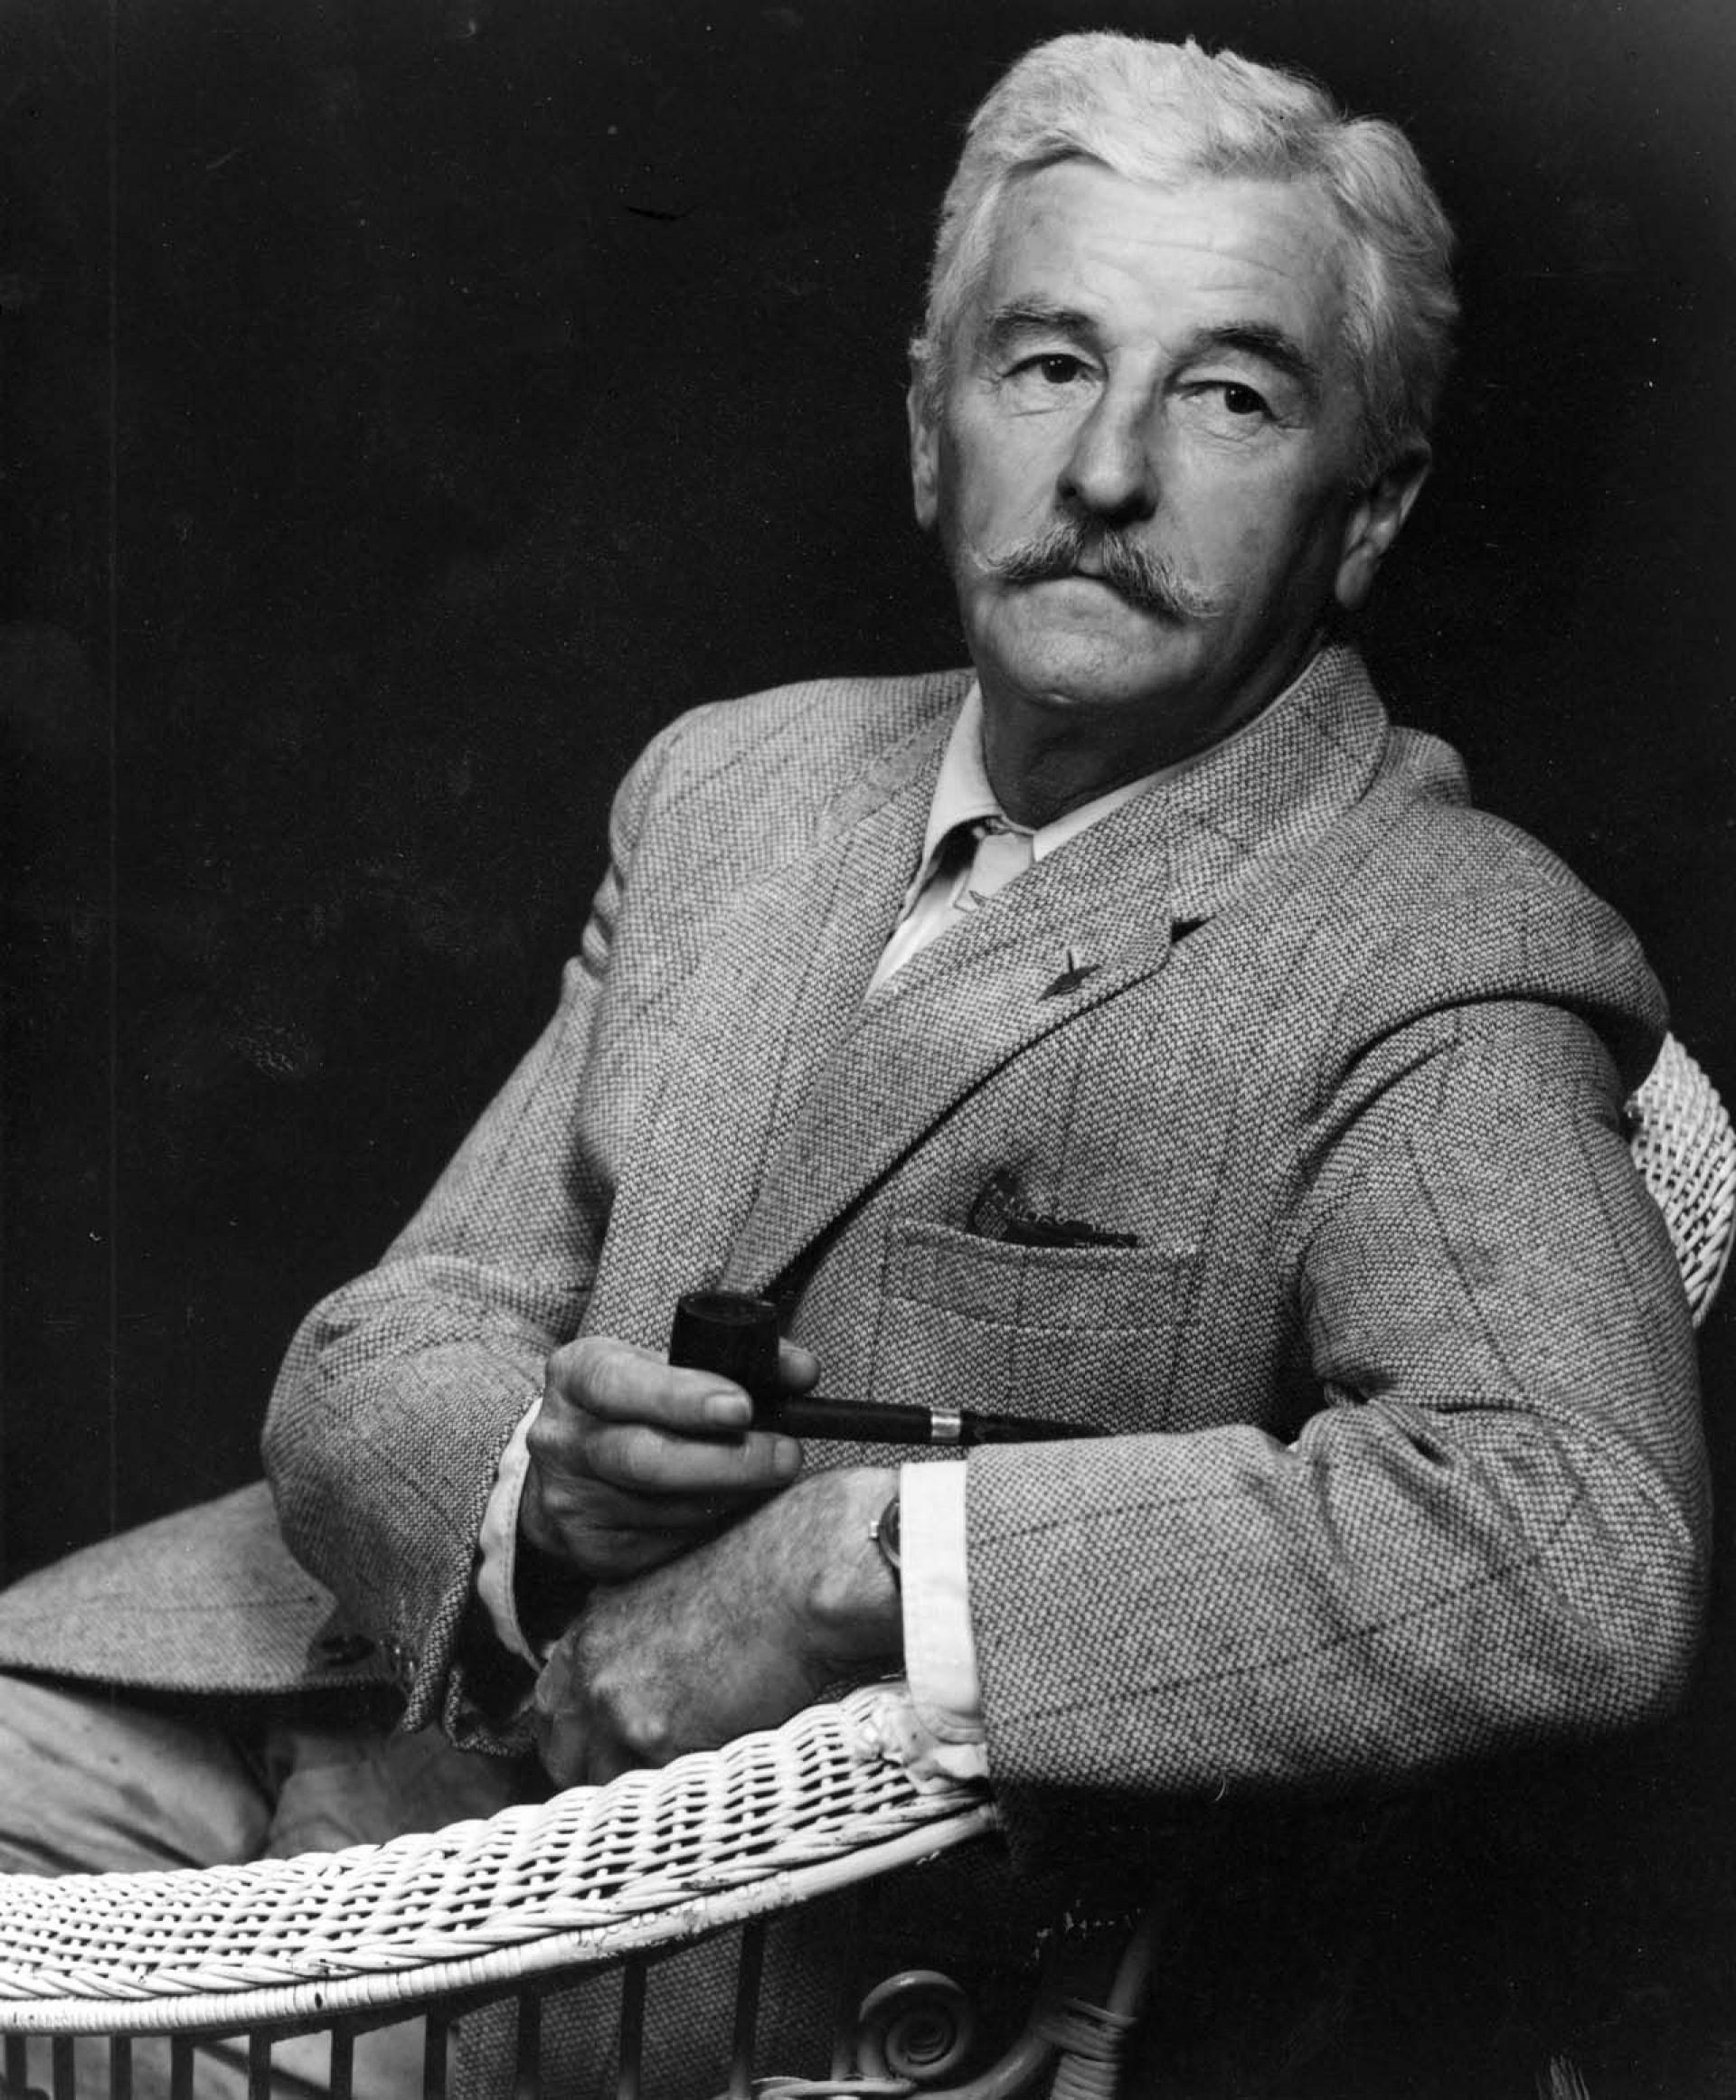 005 William Faulkner Essays Essay Example Stunning Topics 1920